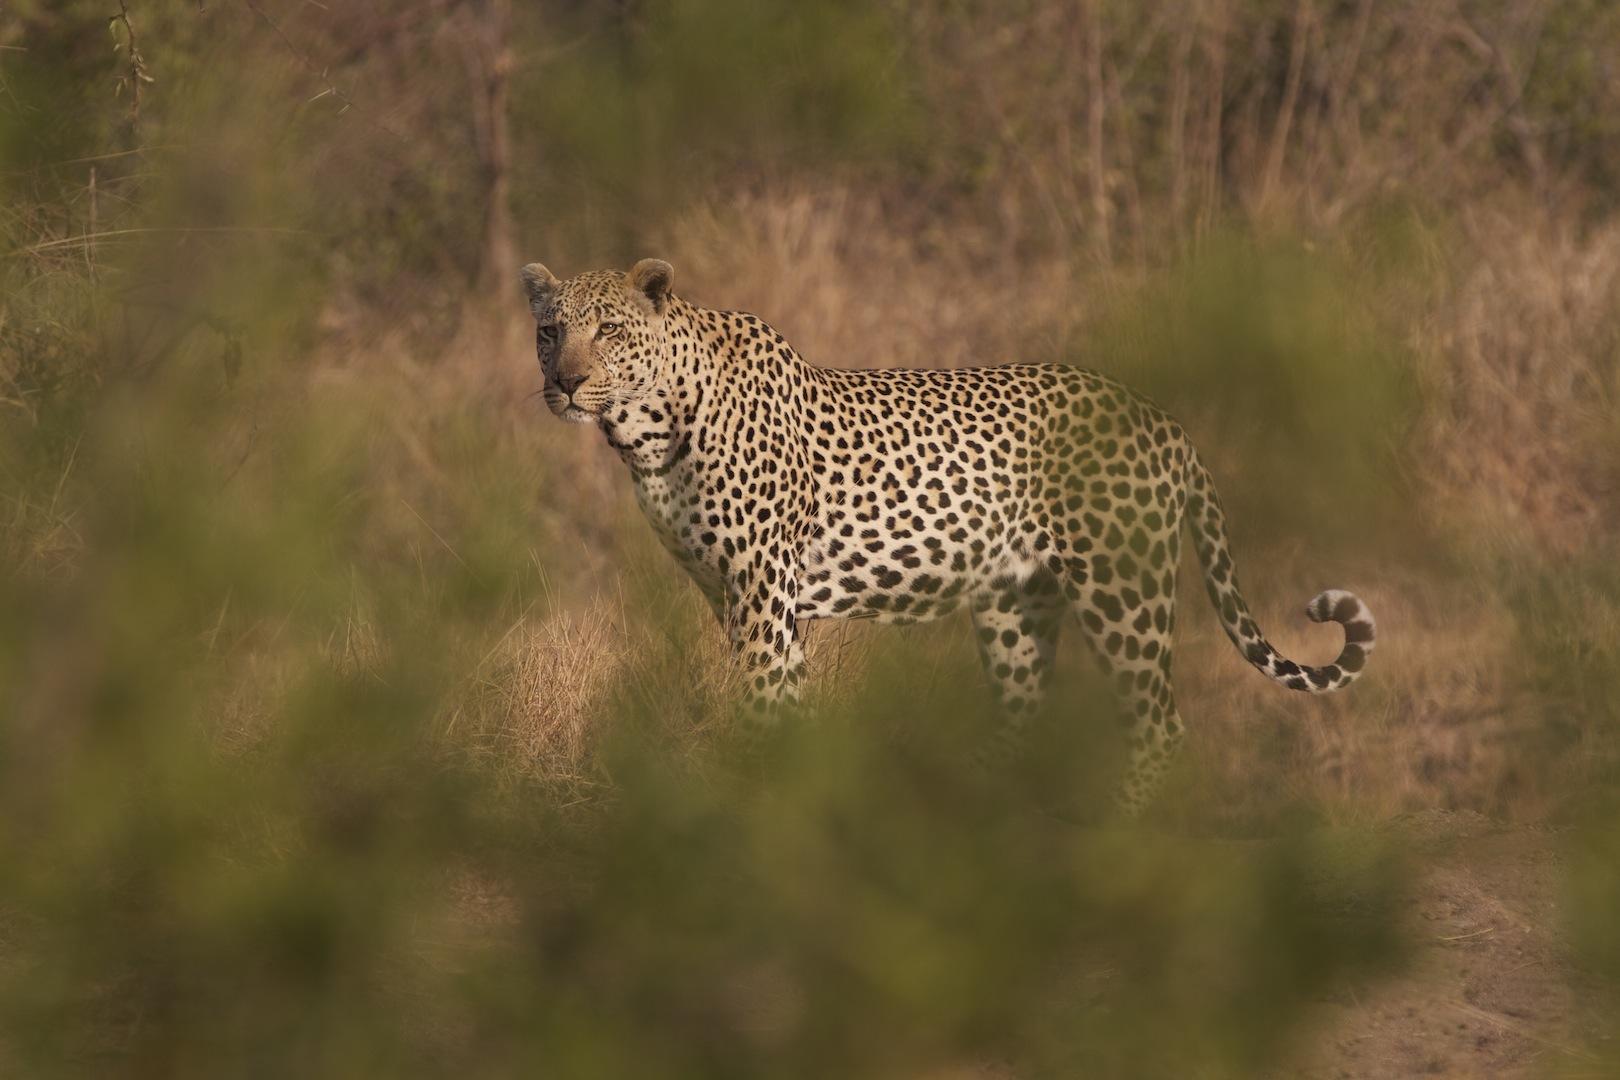 2013-03-25-Leopard_through_treescopyrightkayvanmashayekh2012.jpg